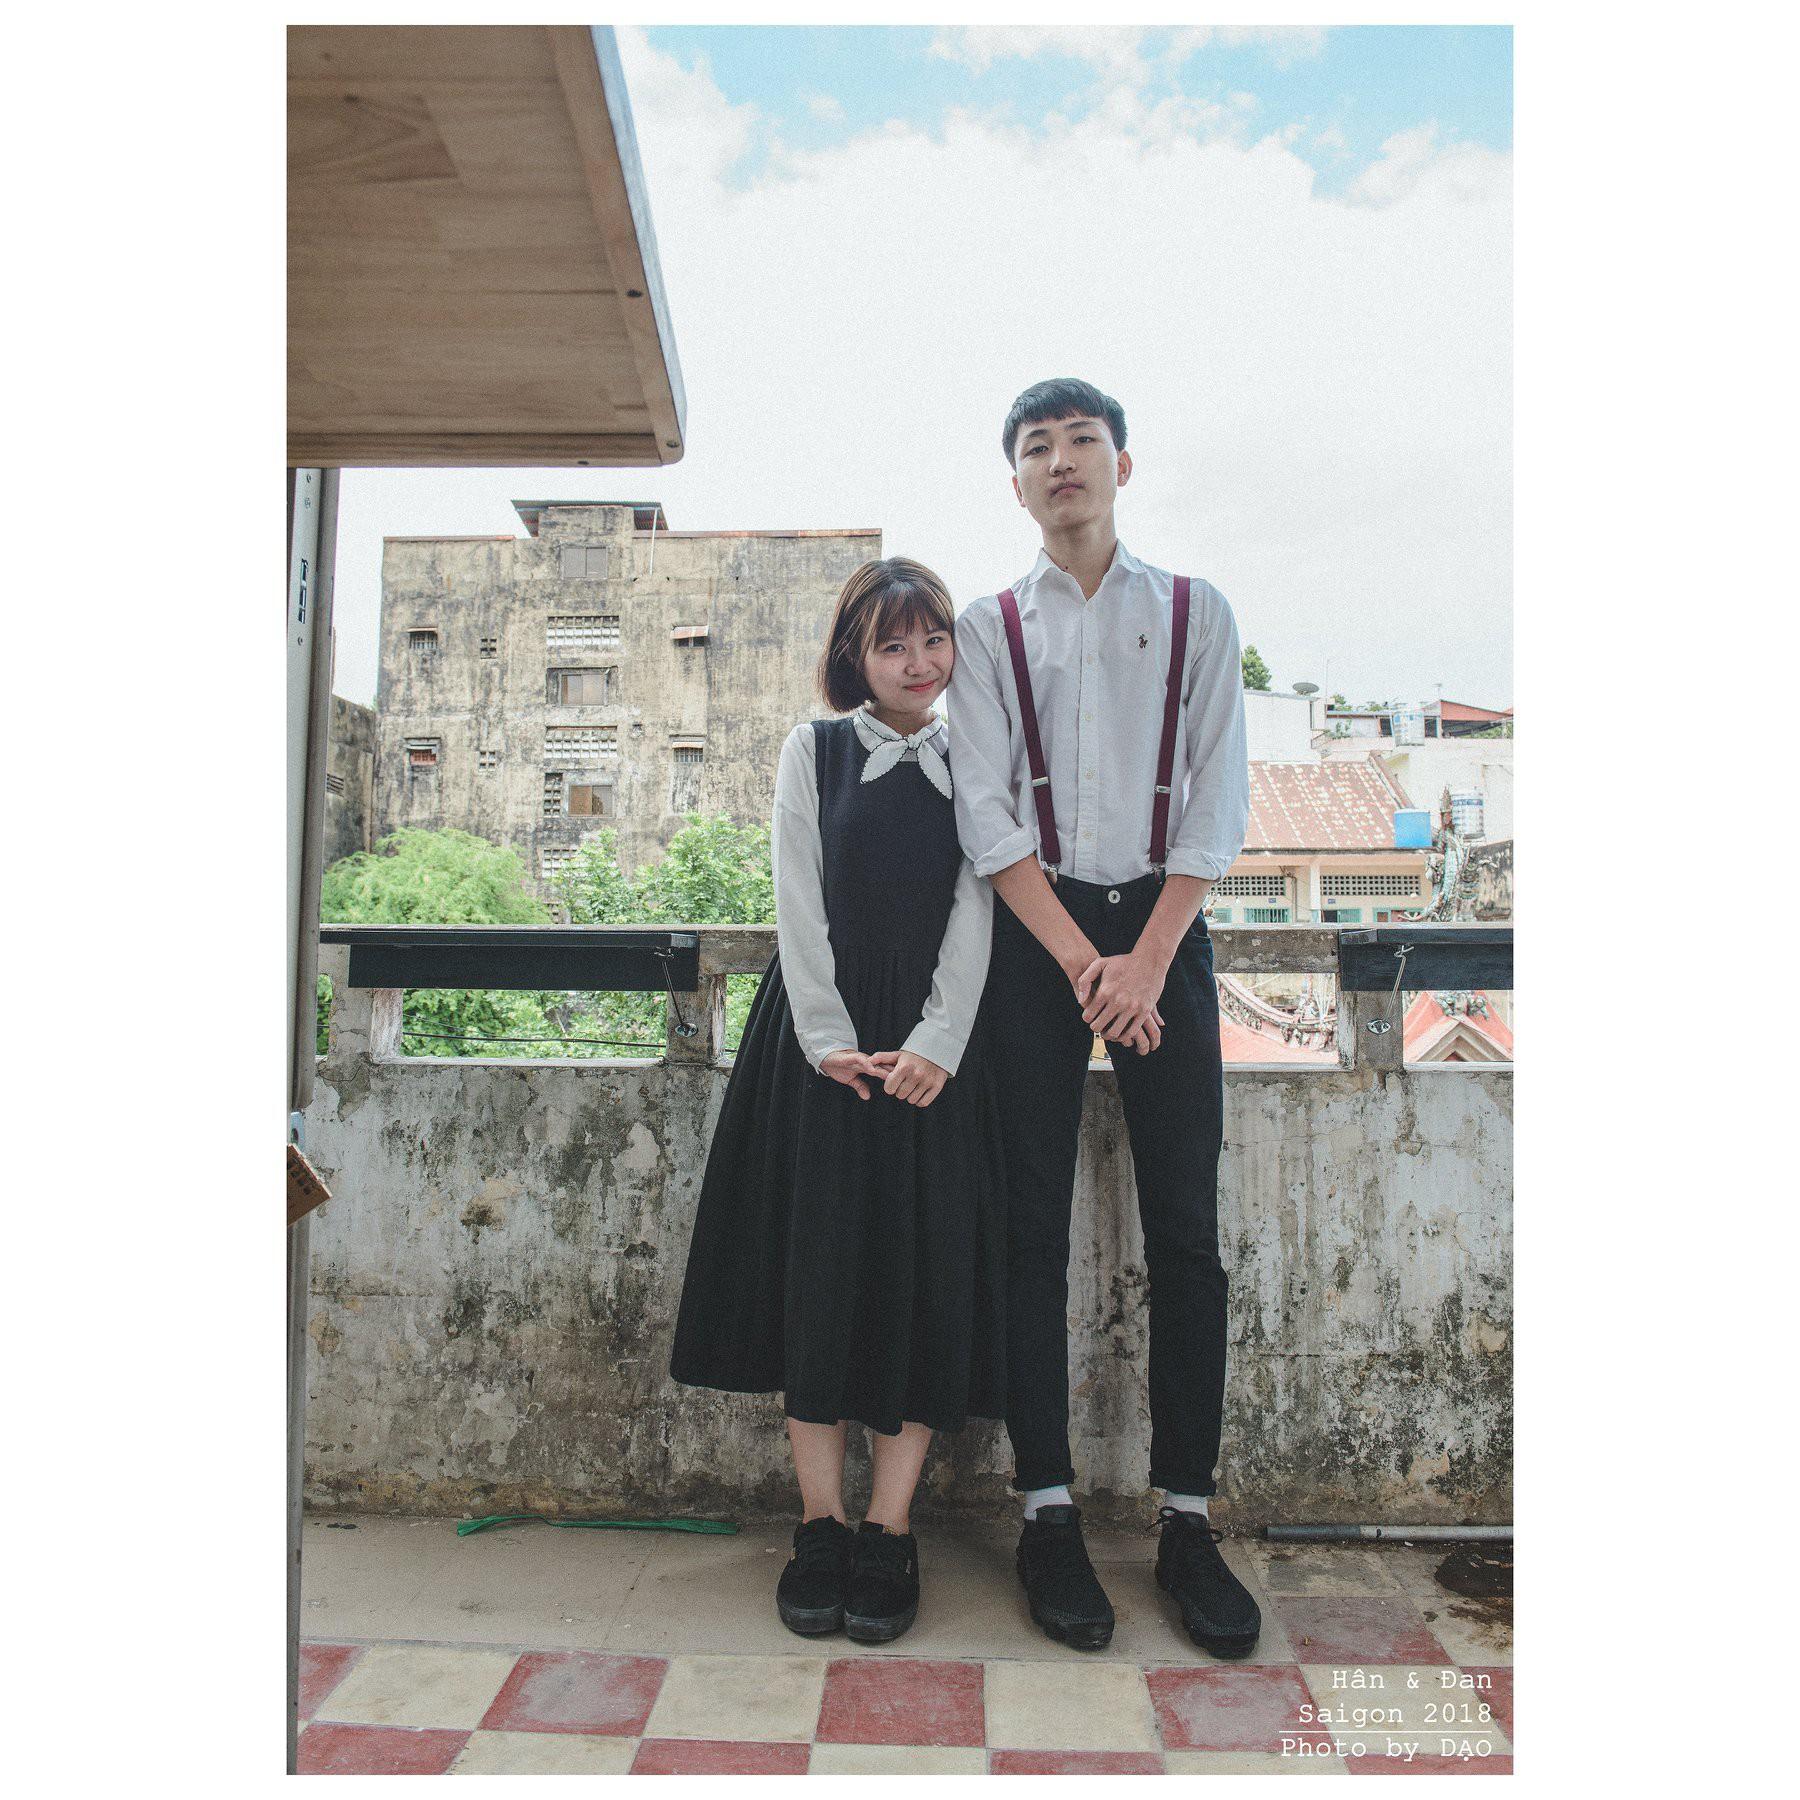 Bộ ảnh mới toanh của cặp đôi trường Trưng Vương từng được mến mộ nhờ mối tình chị em cực dễ thương - Ảnh 2.